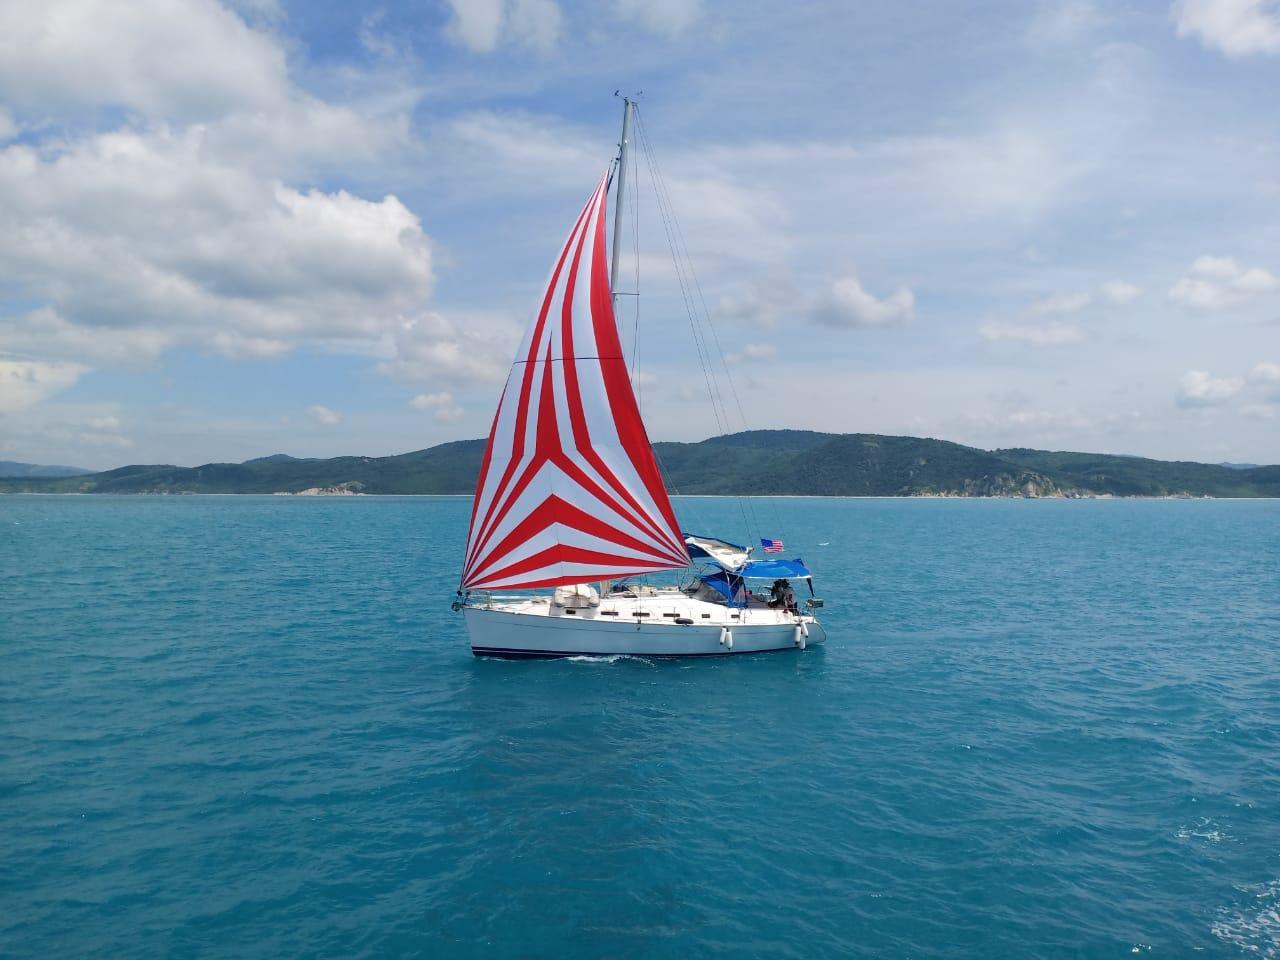 Bakamla Kupang Bersama Tim SAR Gabungan Selamatkan Kapal Yacht Mati Mesin